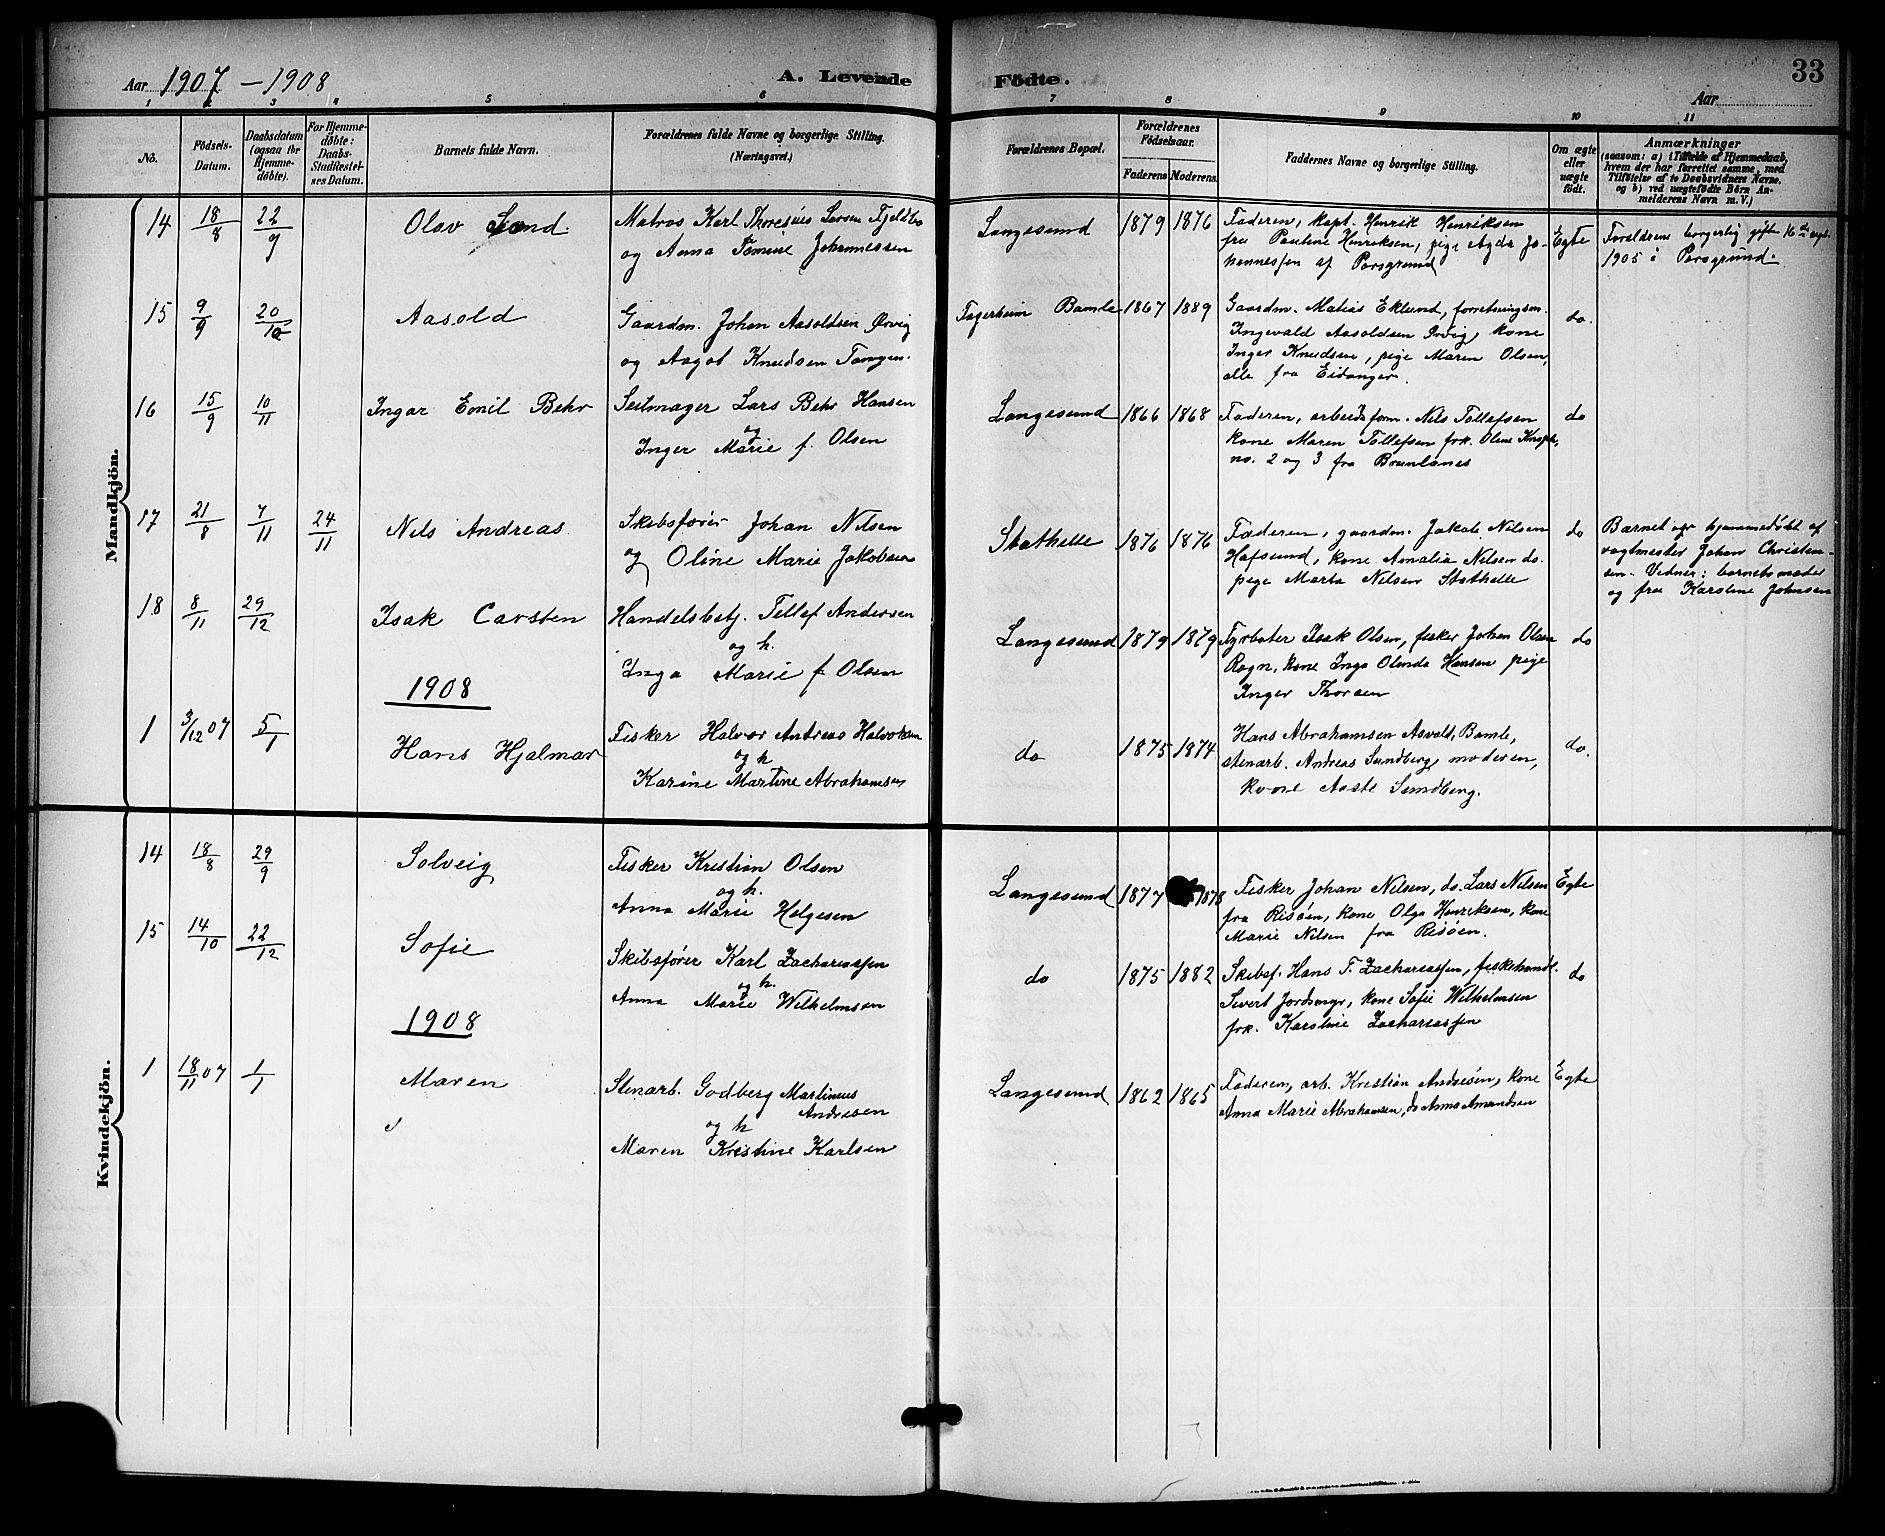 SAKO, Langesund kirkebøker, G/Ga/L0006: Klokkerbok nr. 6, 1899-1918, s. 33